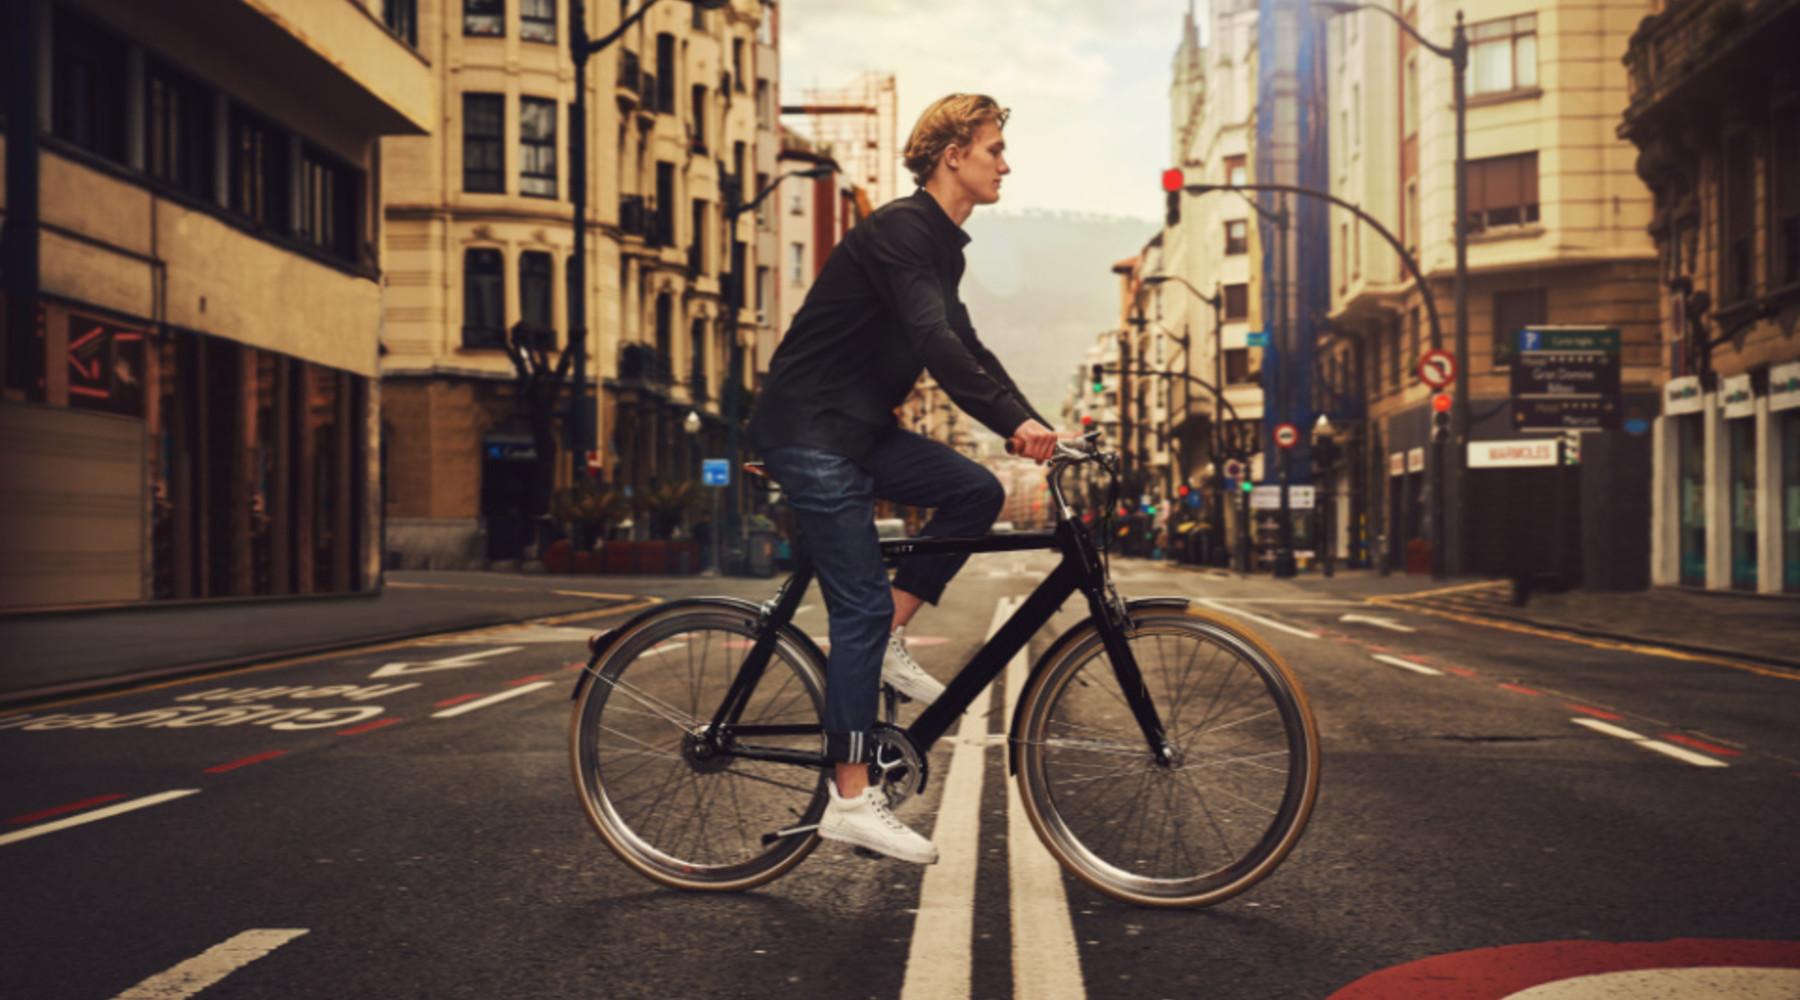 Dit kost het opladen van jouw WATT-fiets (spoiler: niet veel)